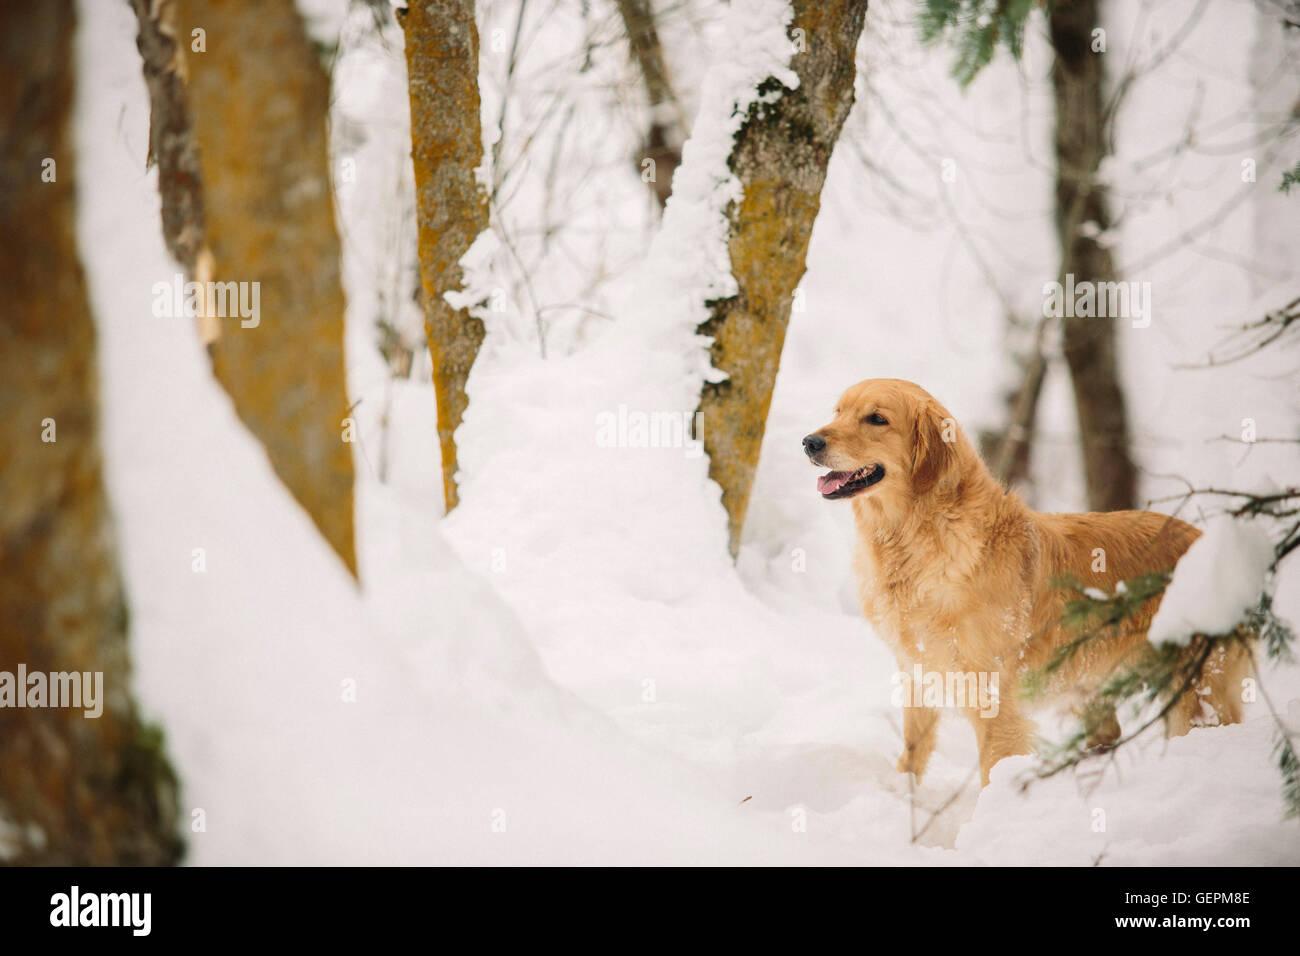 Un golden retriever dog dans une forêt enneigée. Photo Stock